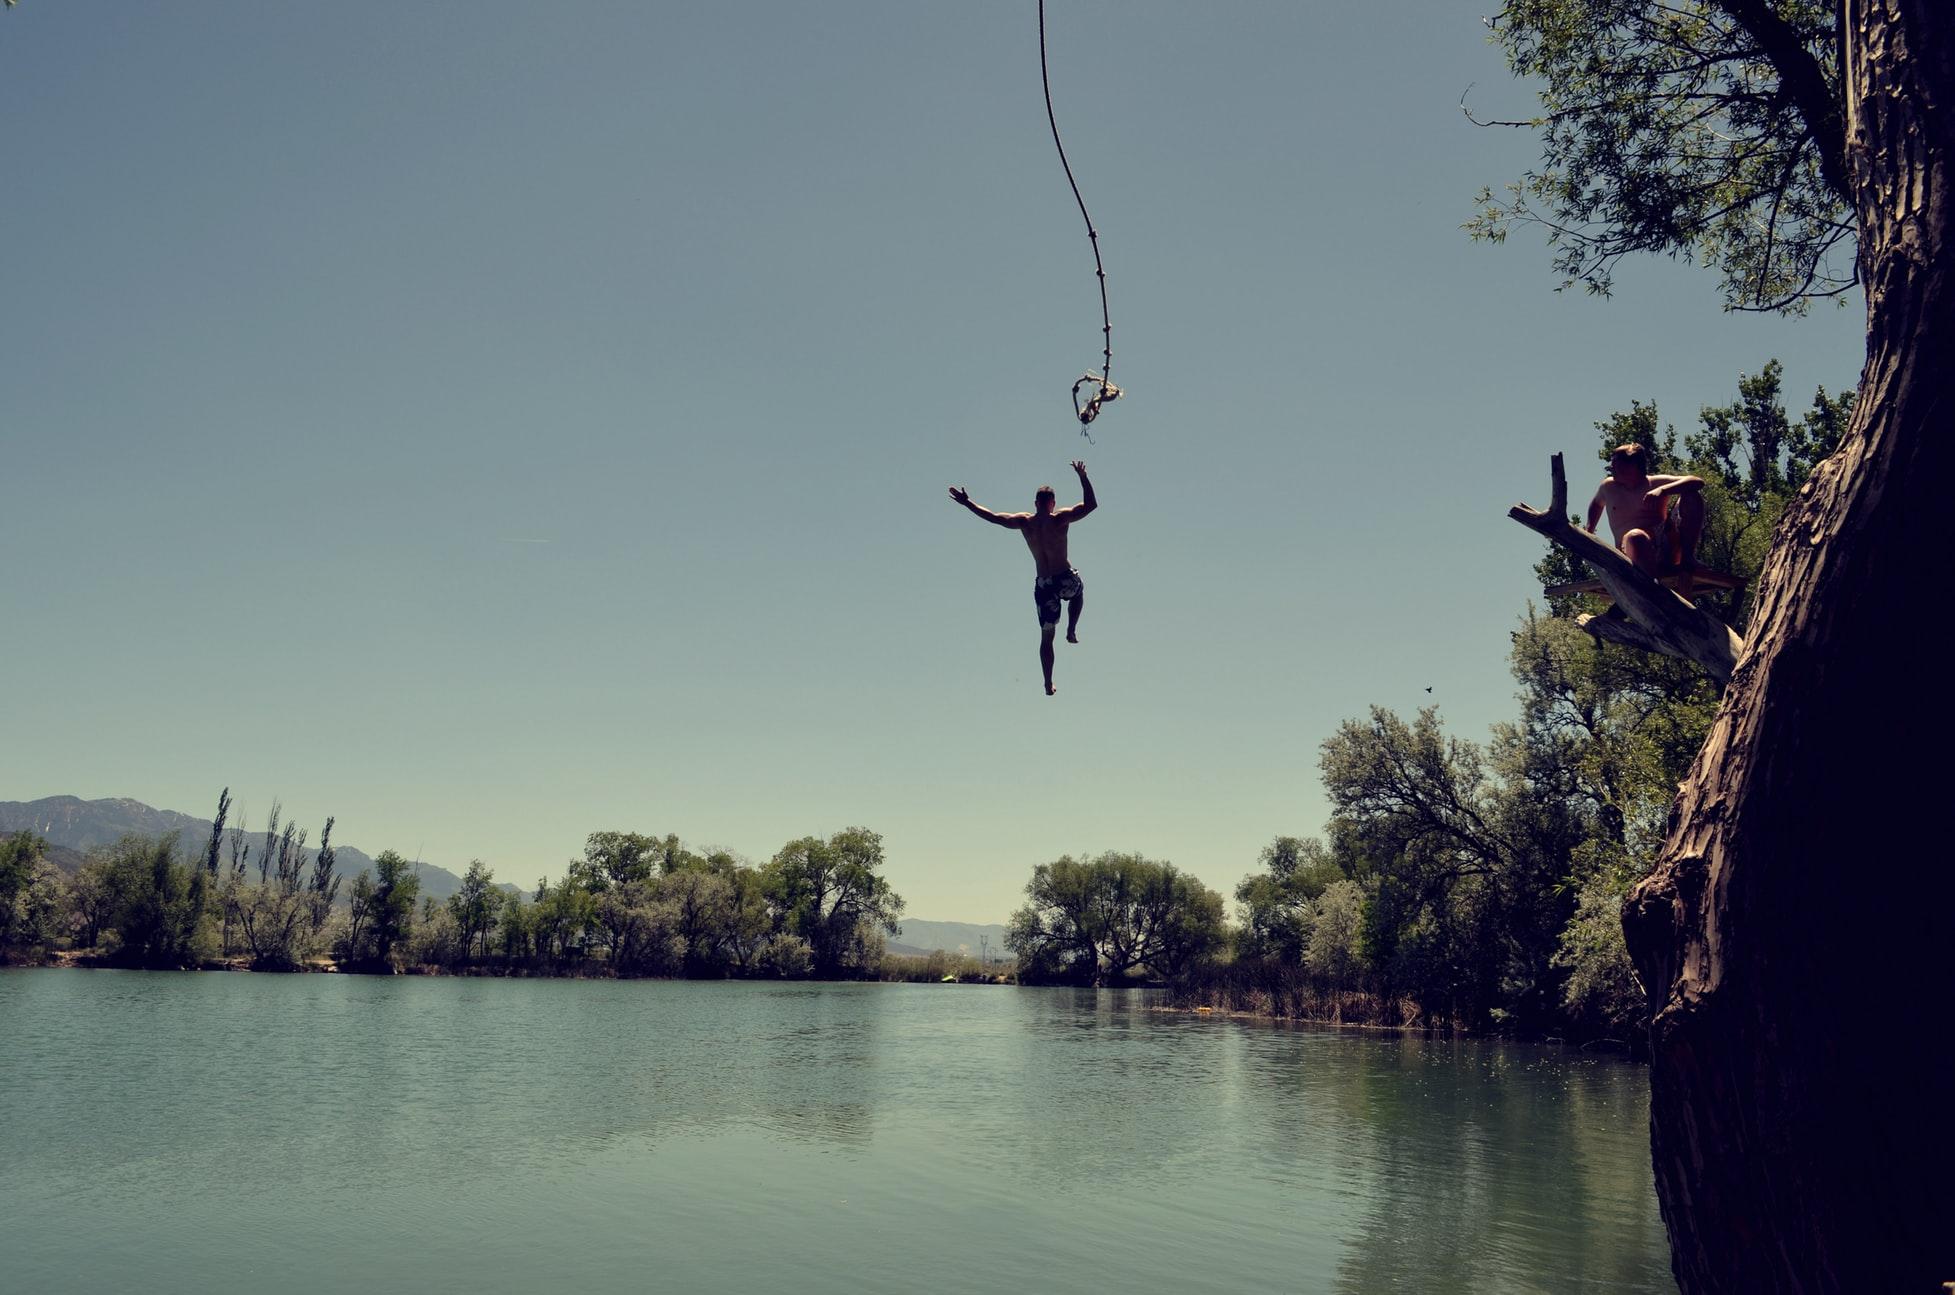 池の中に大ジャンプ